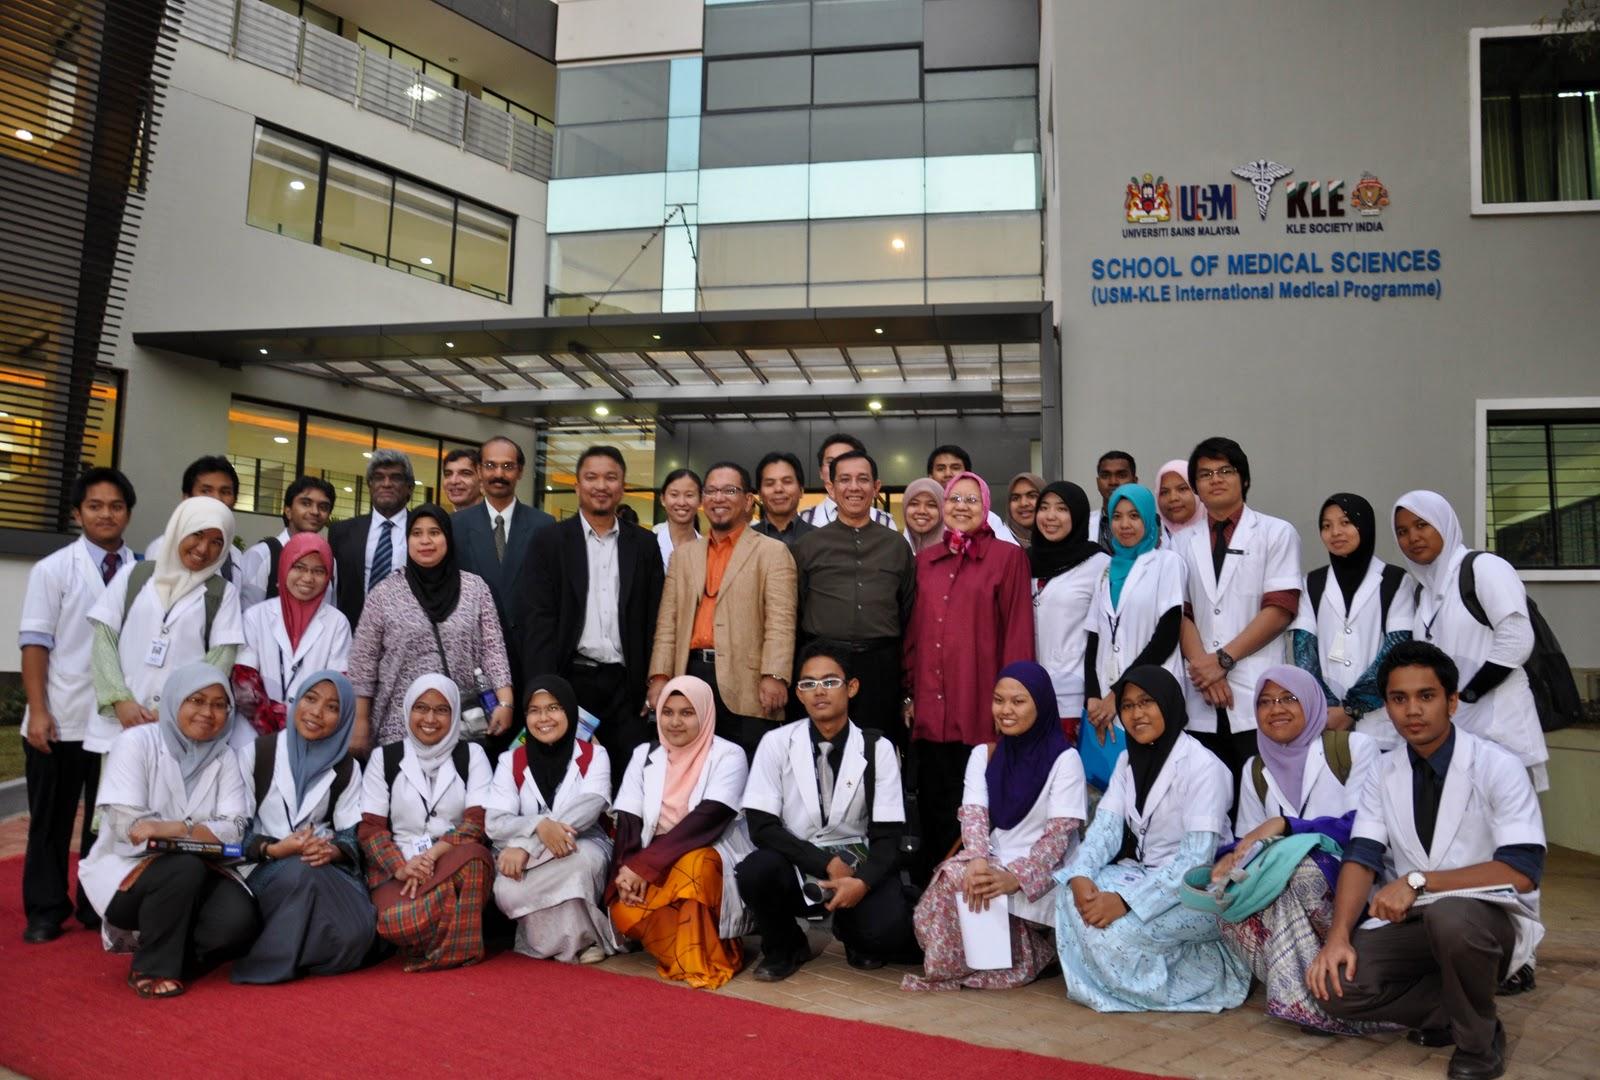 30 Ipt Yang Diiktiraf Oleh Lembaga Perubatan Malaysia Mmc Untuk Pengajian Perubatan Di Seluruh Malaysia